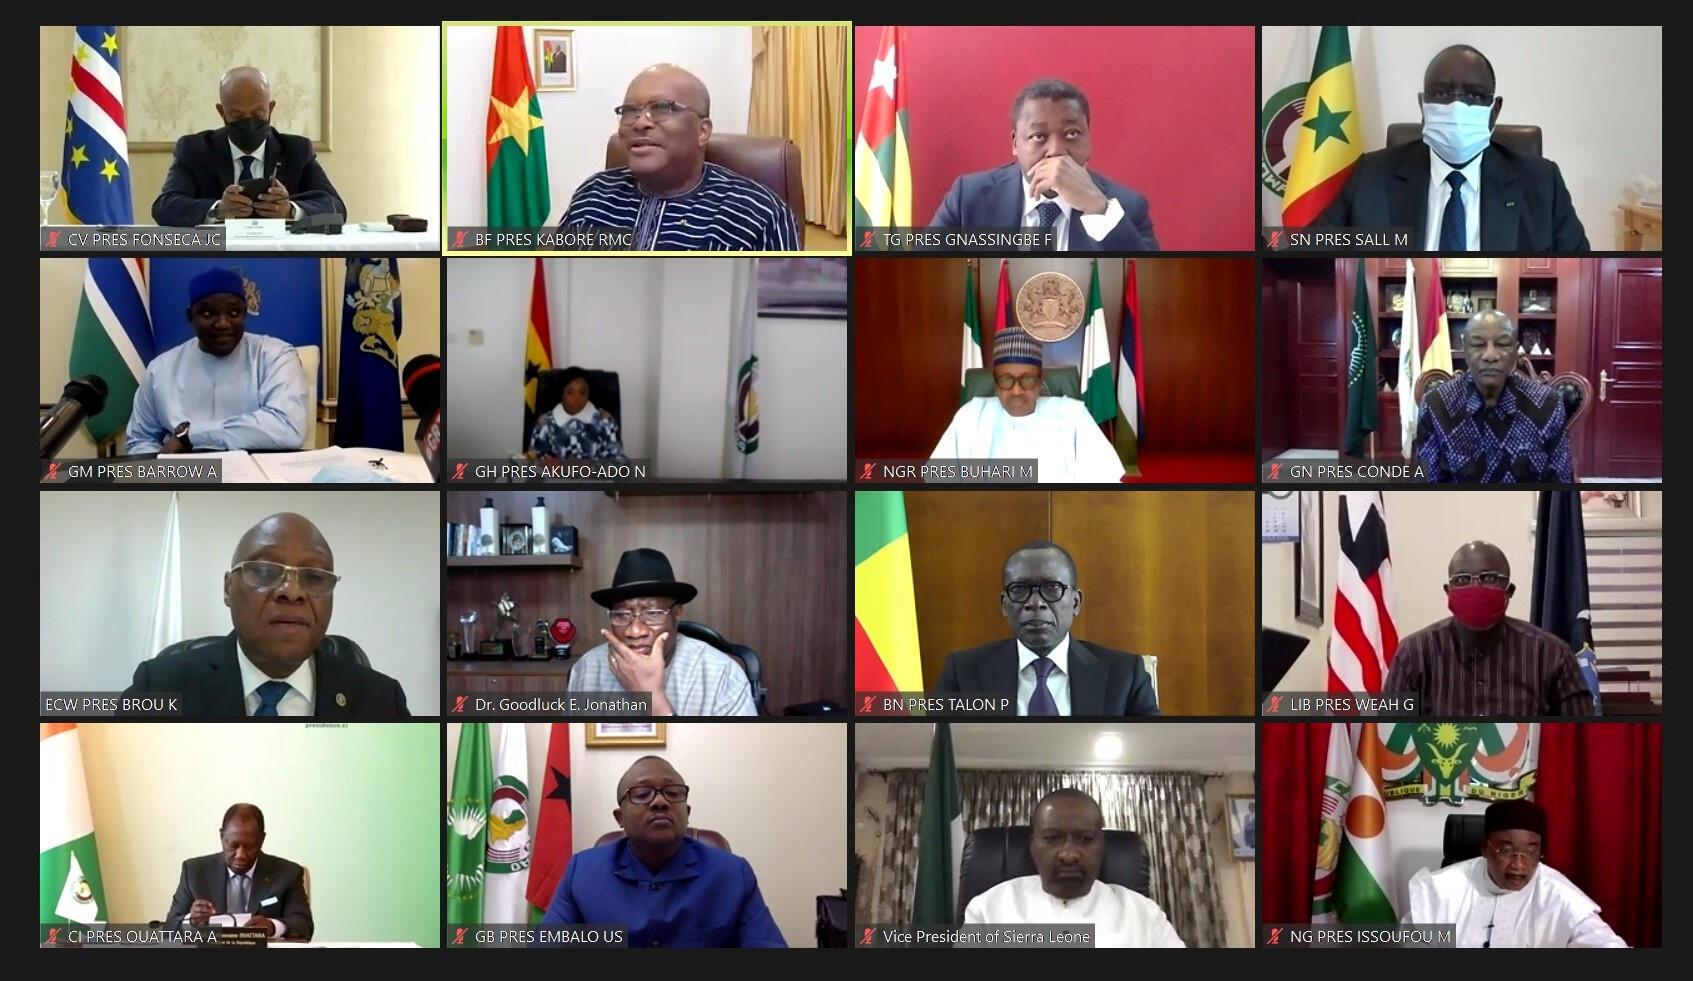 ECOWAS imechukuwa hatua za kuzuia uingiaji wa fedha  na shughuli mbalimbali za kiuchumi pia zimesitishwa, isipokuwa madawa, mafuta na umeme.